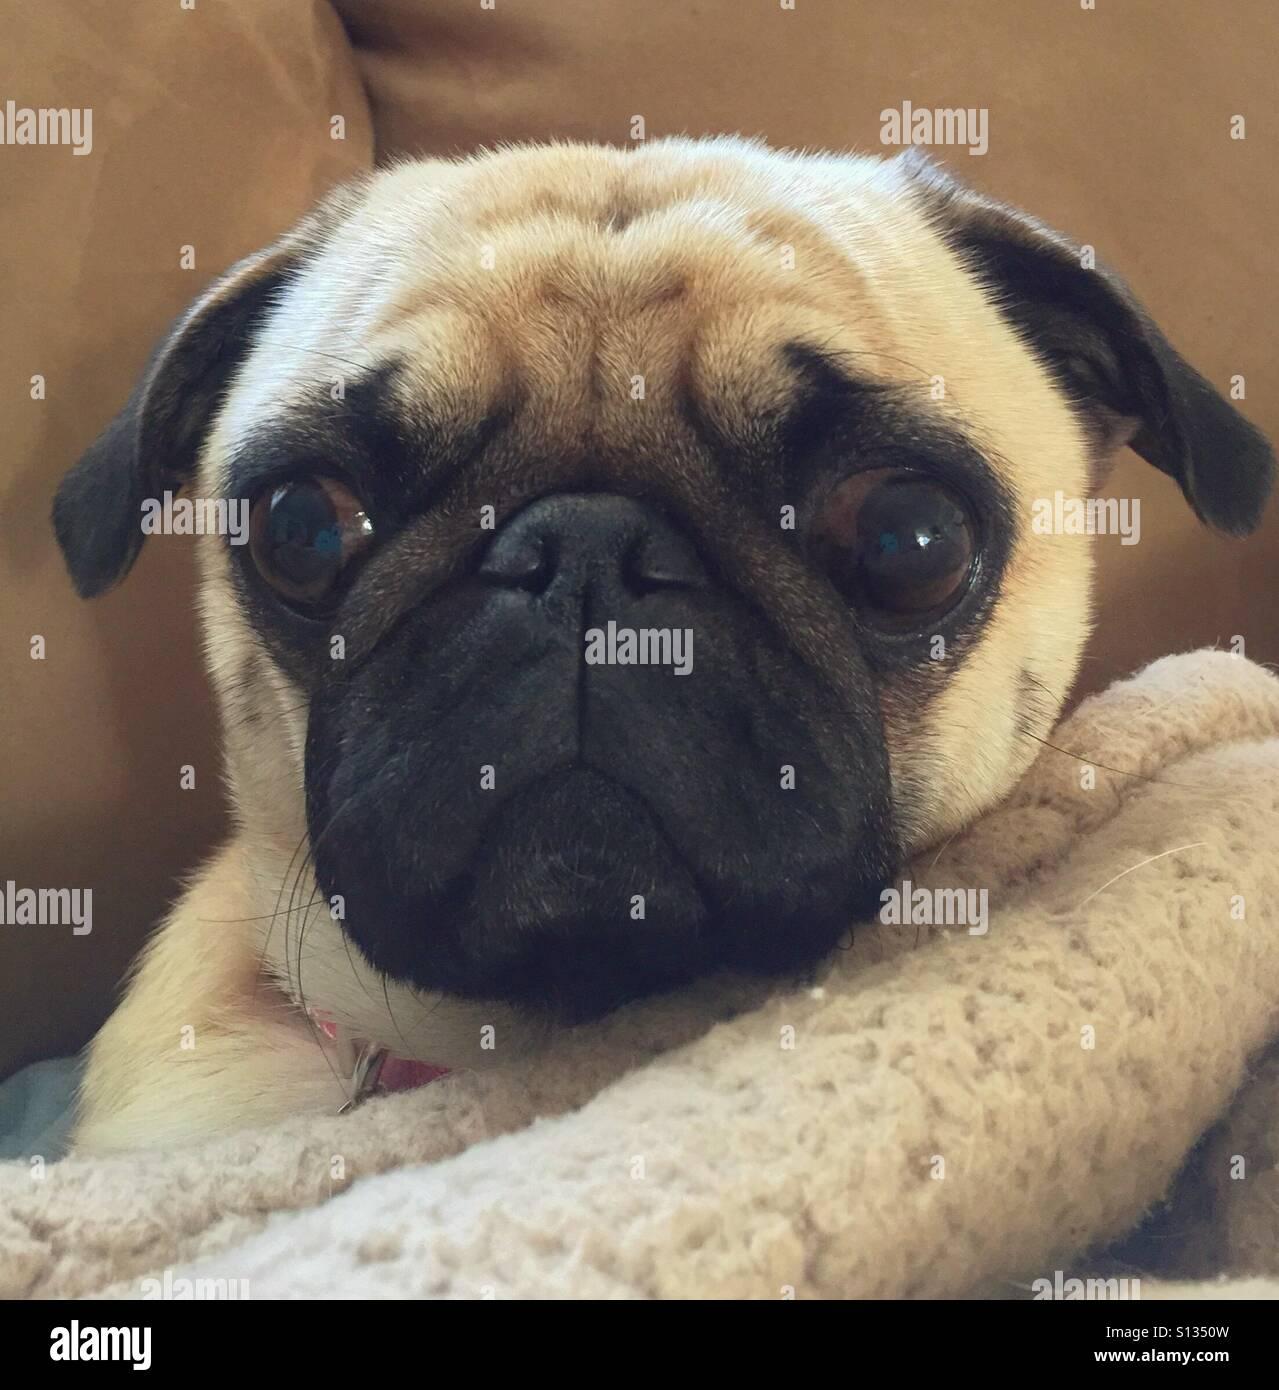 Pug puppy with sad eyes - Stock Image